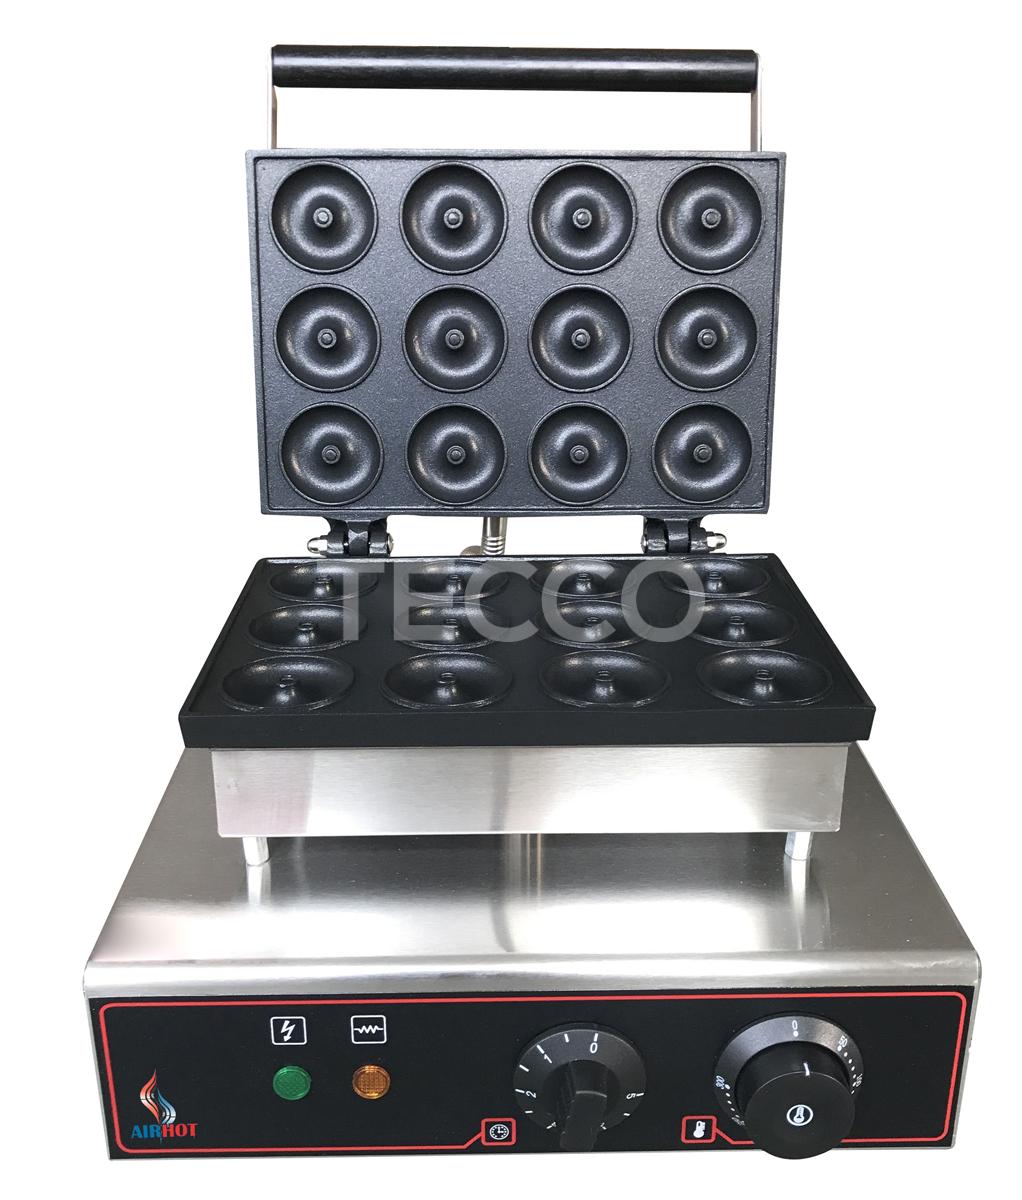 Аппарат для донатсов Airhot DM-12